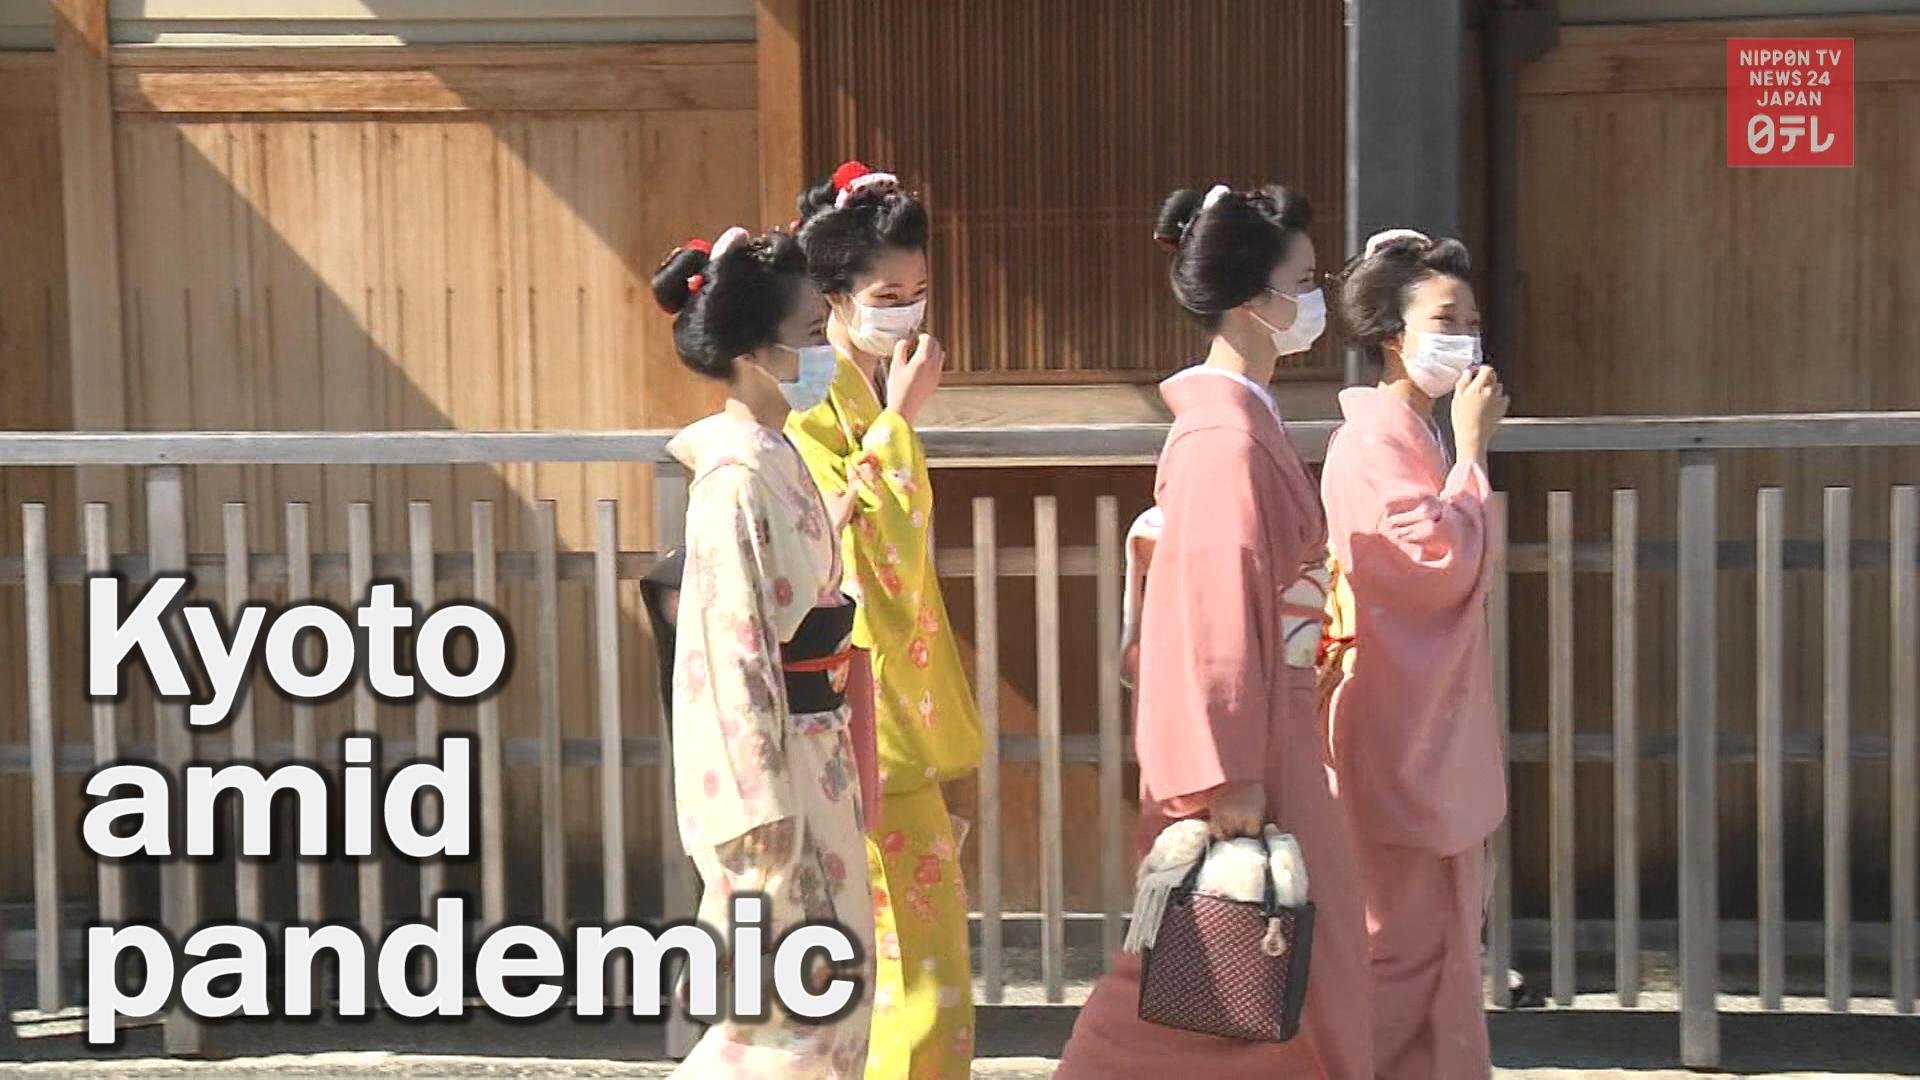 Kyoto thrives amid pandemic